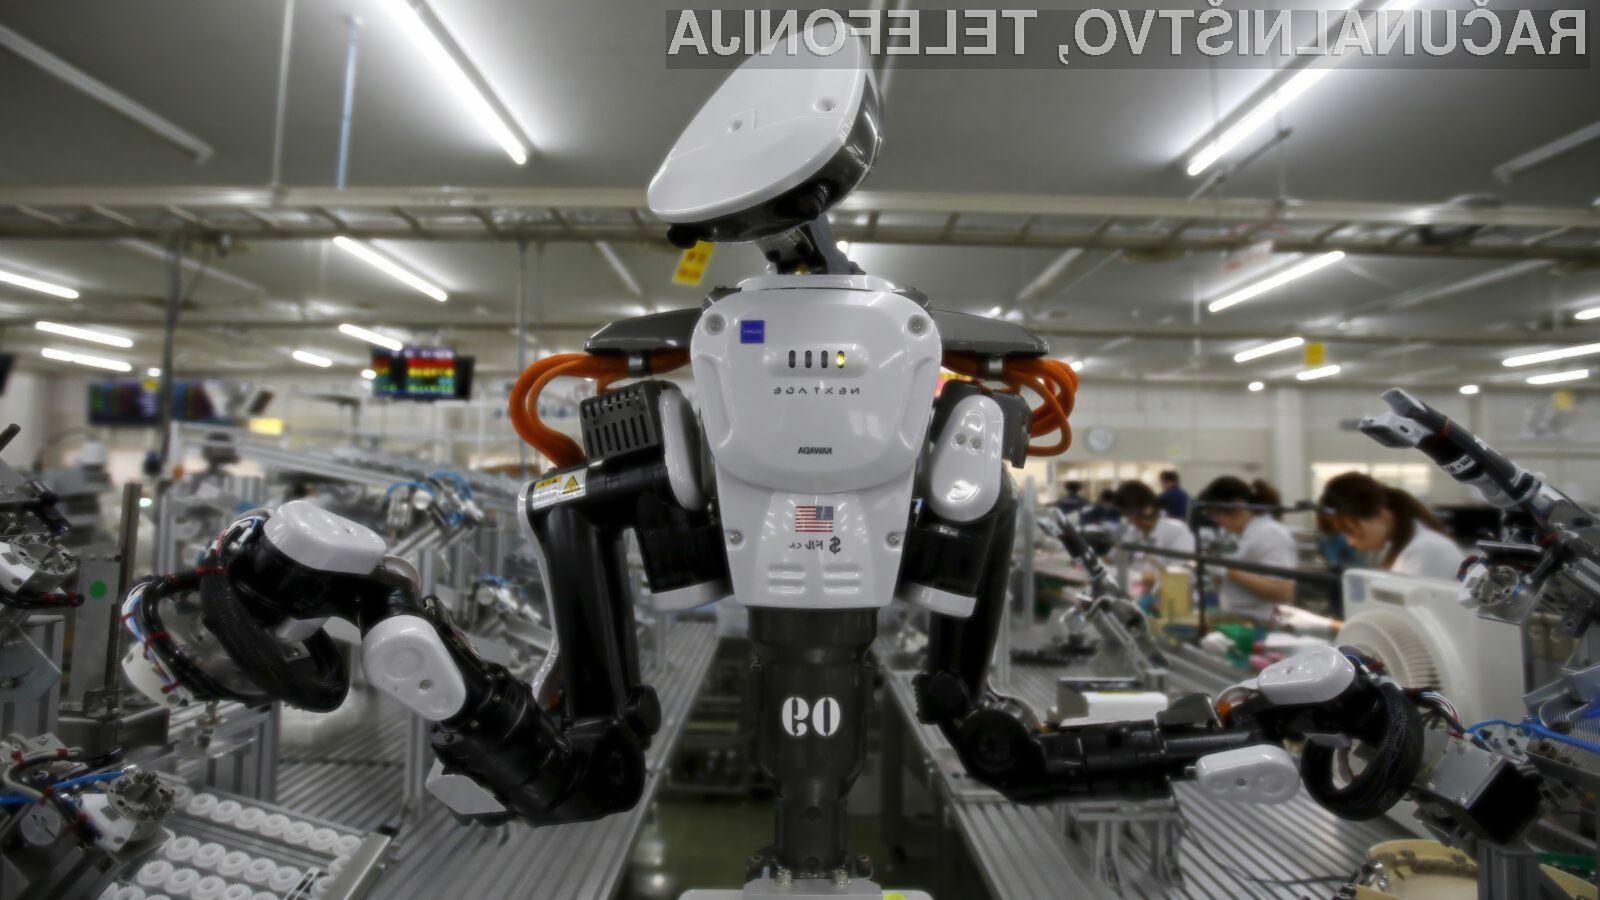 Kitajska želi več robotov v tovarnah. Kaj pa bo z delavci?